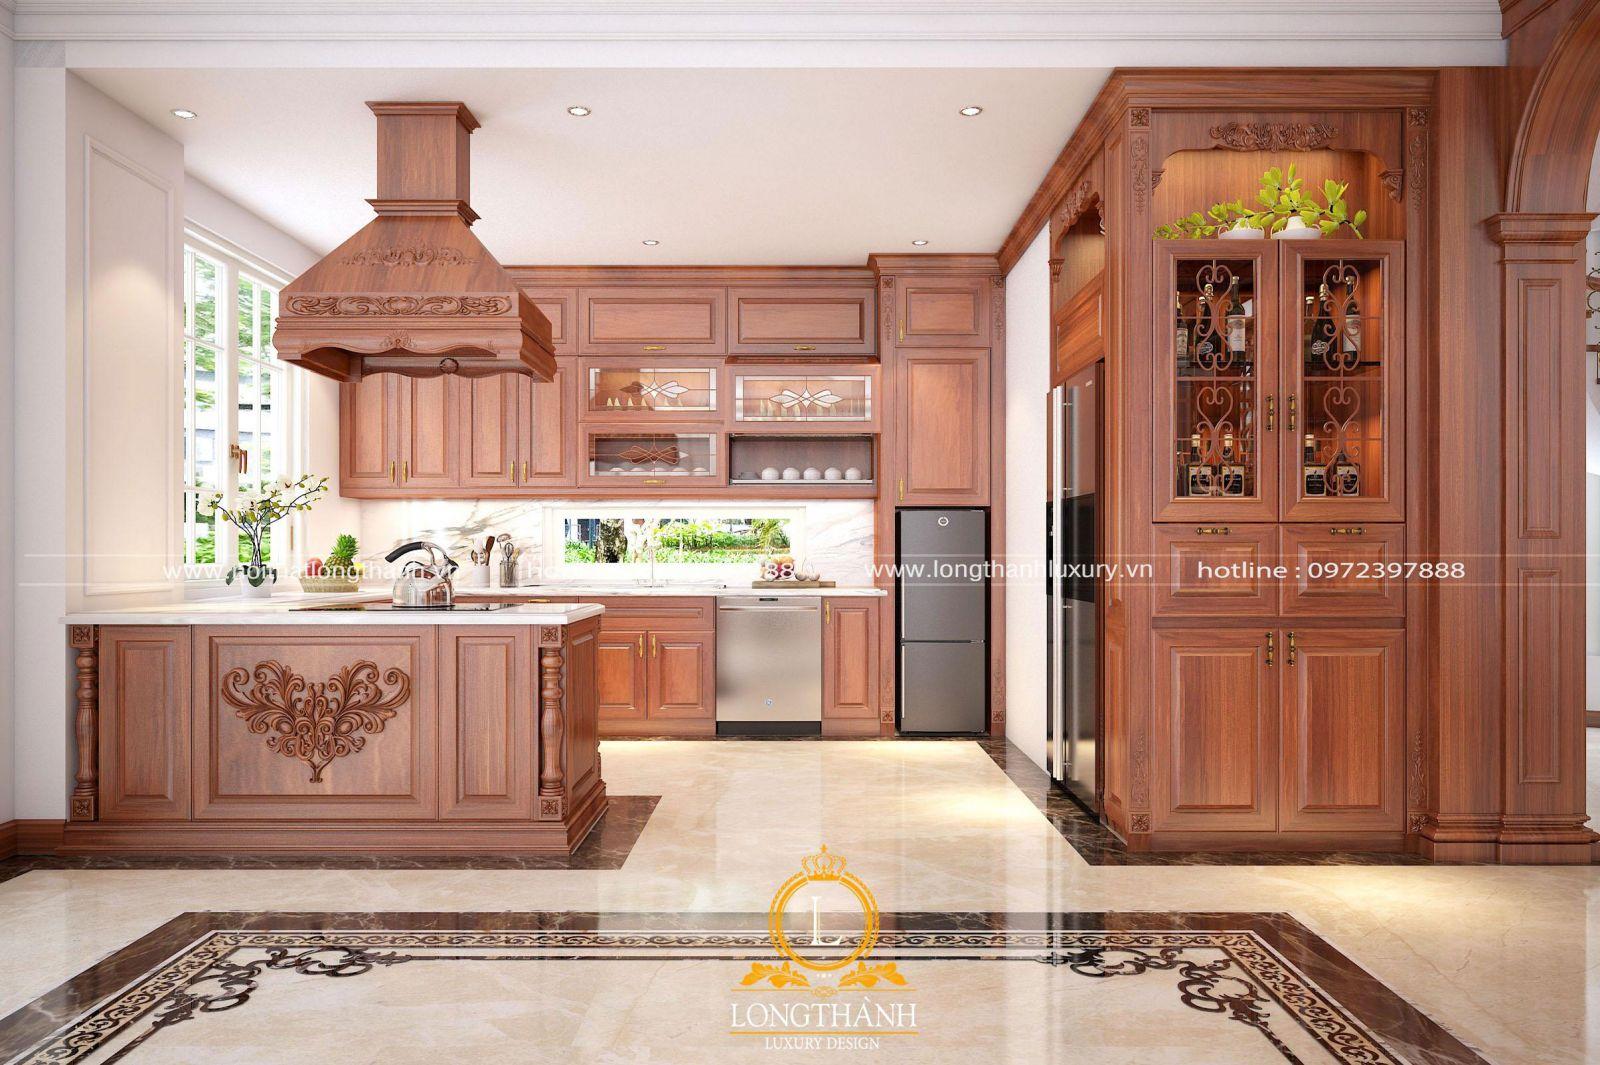 Thiết kế tủ bếp hình chữ U cho phòng bếp nhà biệt thự rộng